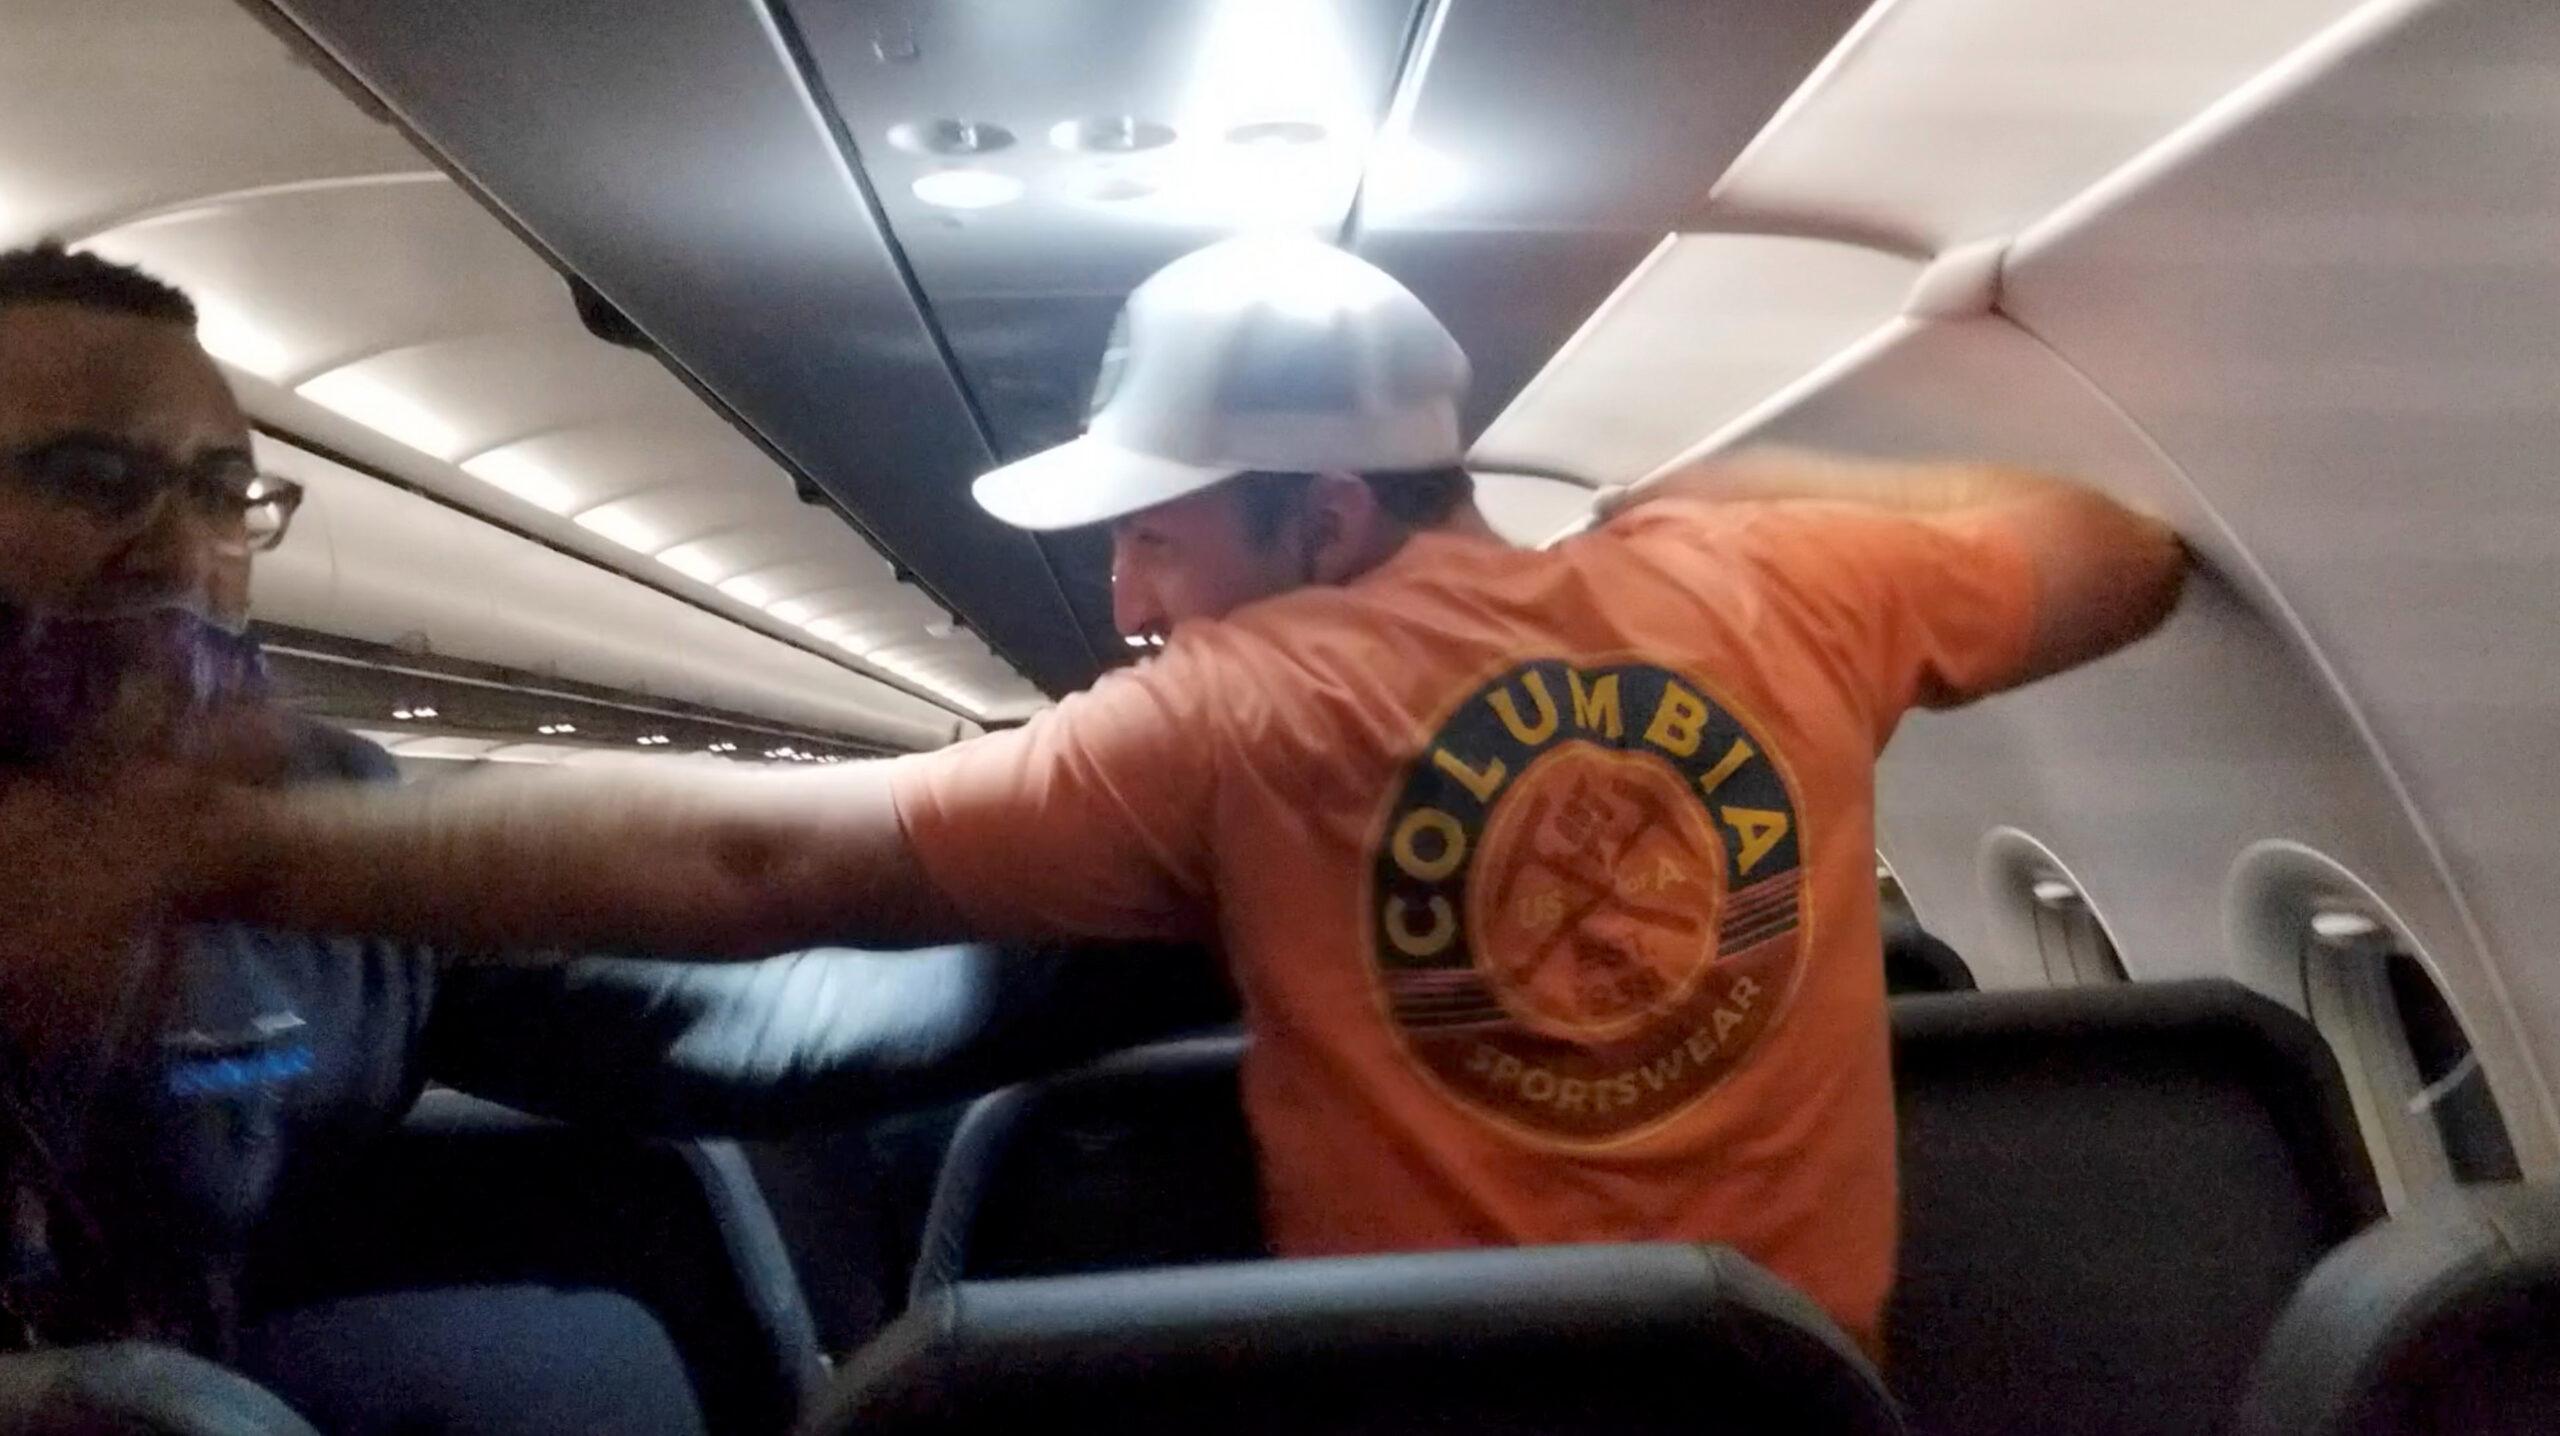 Berry memukuli pramugara Frontier Airlines. Penumpang yang mengambil video menggambarkan Berry bertindak 'agresif'. (Foto Reuters 247newsaroundtheworld)